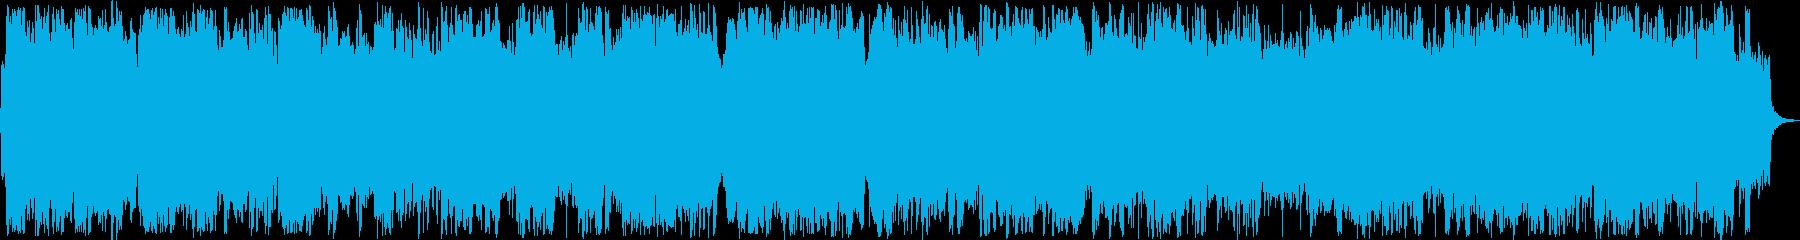 優しい管楽器ピアノシンセサウンドの再生済みの波形